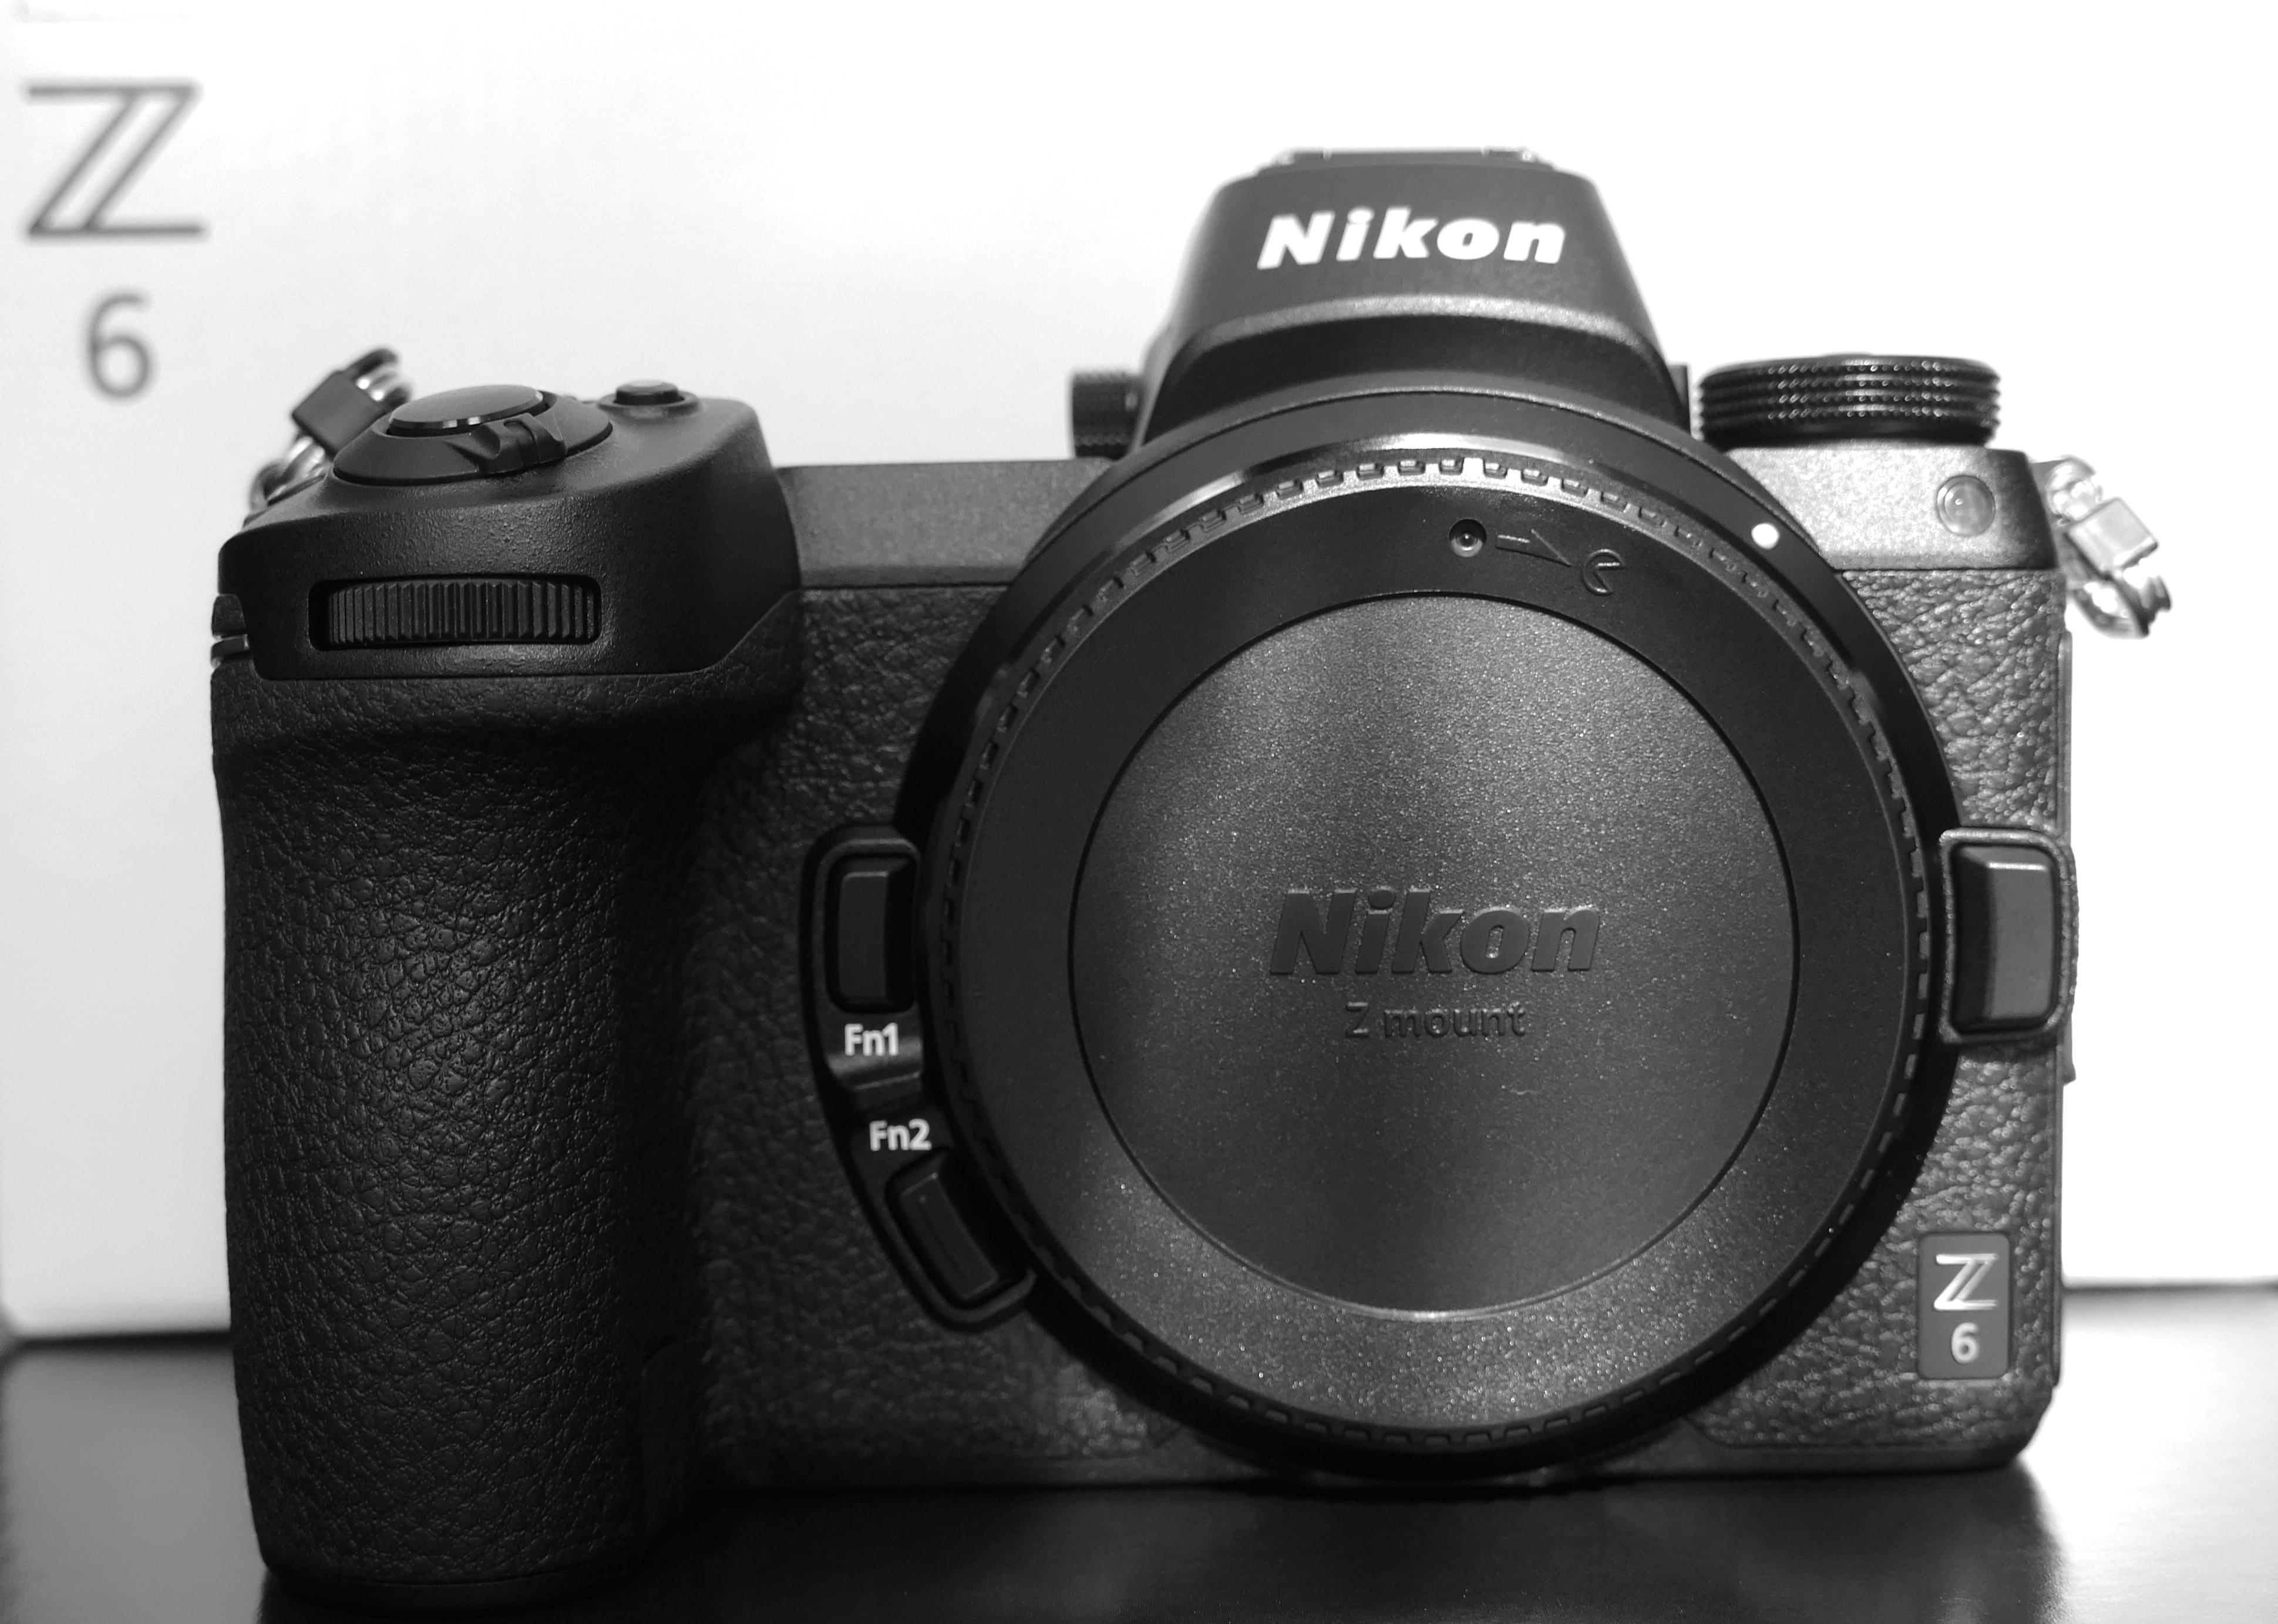 ニコン Nikon Z6 フォーカスシフト撮影と深度合成の説明